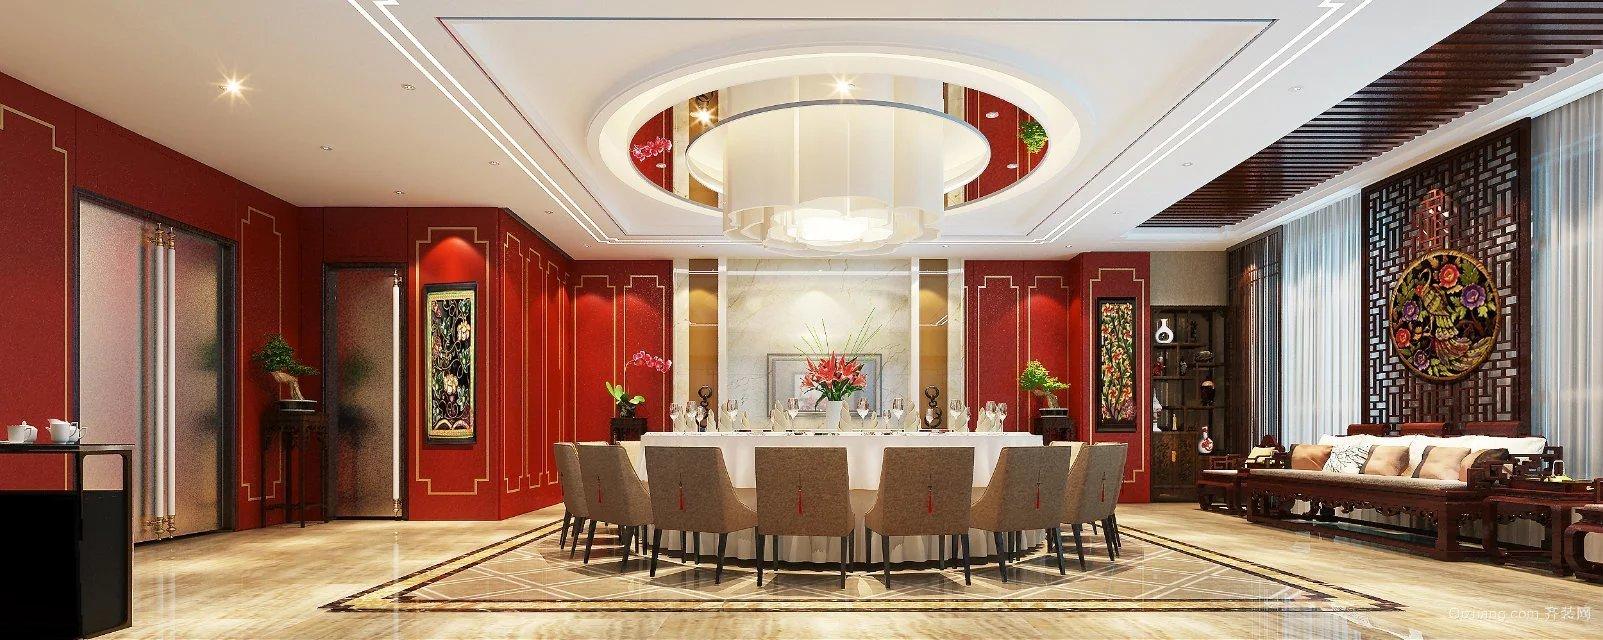 中式餐厅中式风格装修效果图实景图